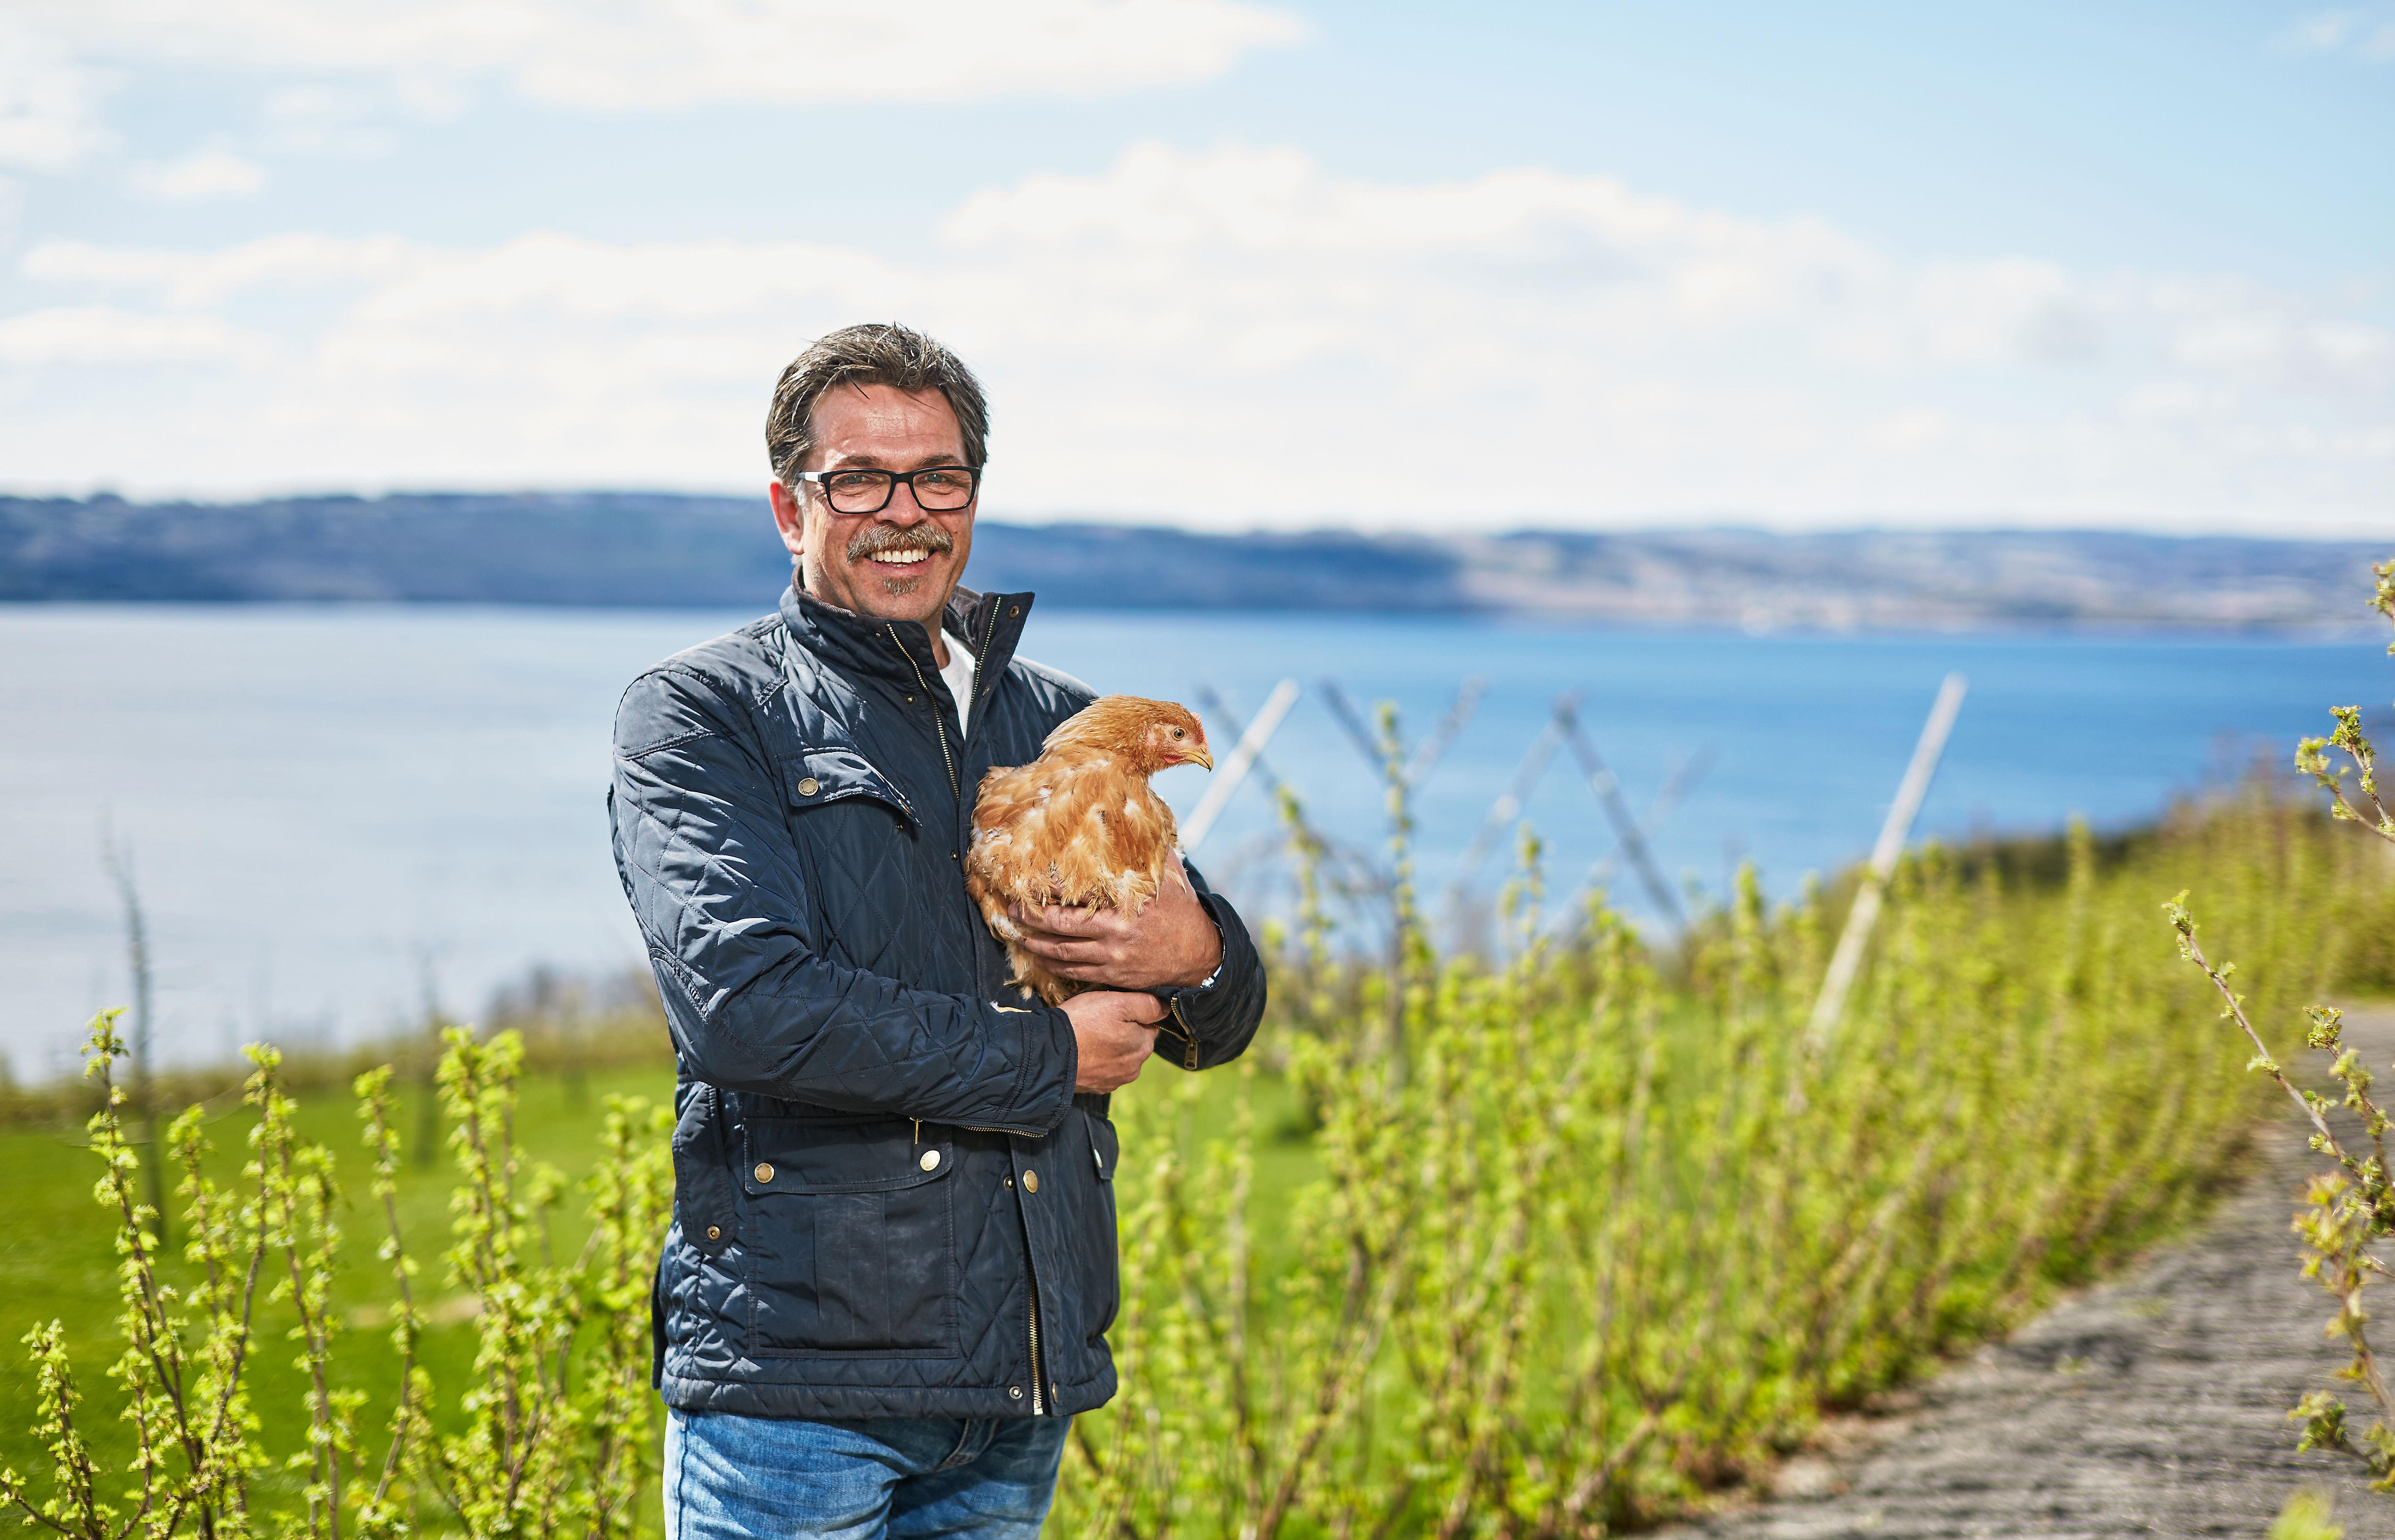 STOLT: Ferskvaresjef i KIWI, Harald Bregner, gleder seg over å kunne tilby økologisk kylling fra Hovelsrud i et utvalg KIWI-butikker. Her besøker han gården.